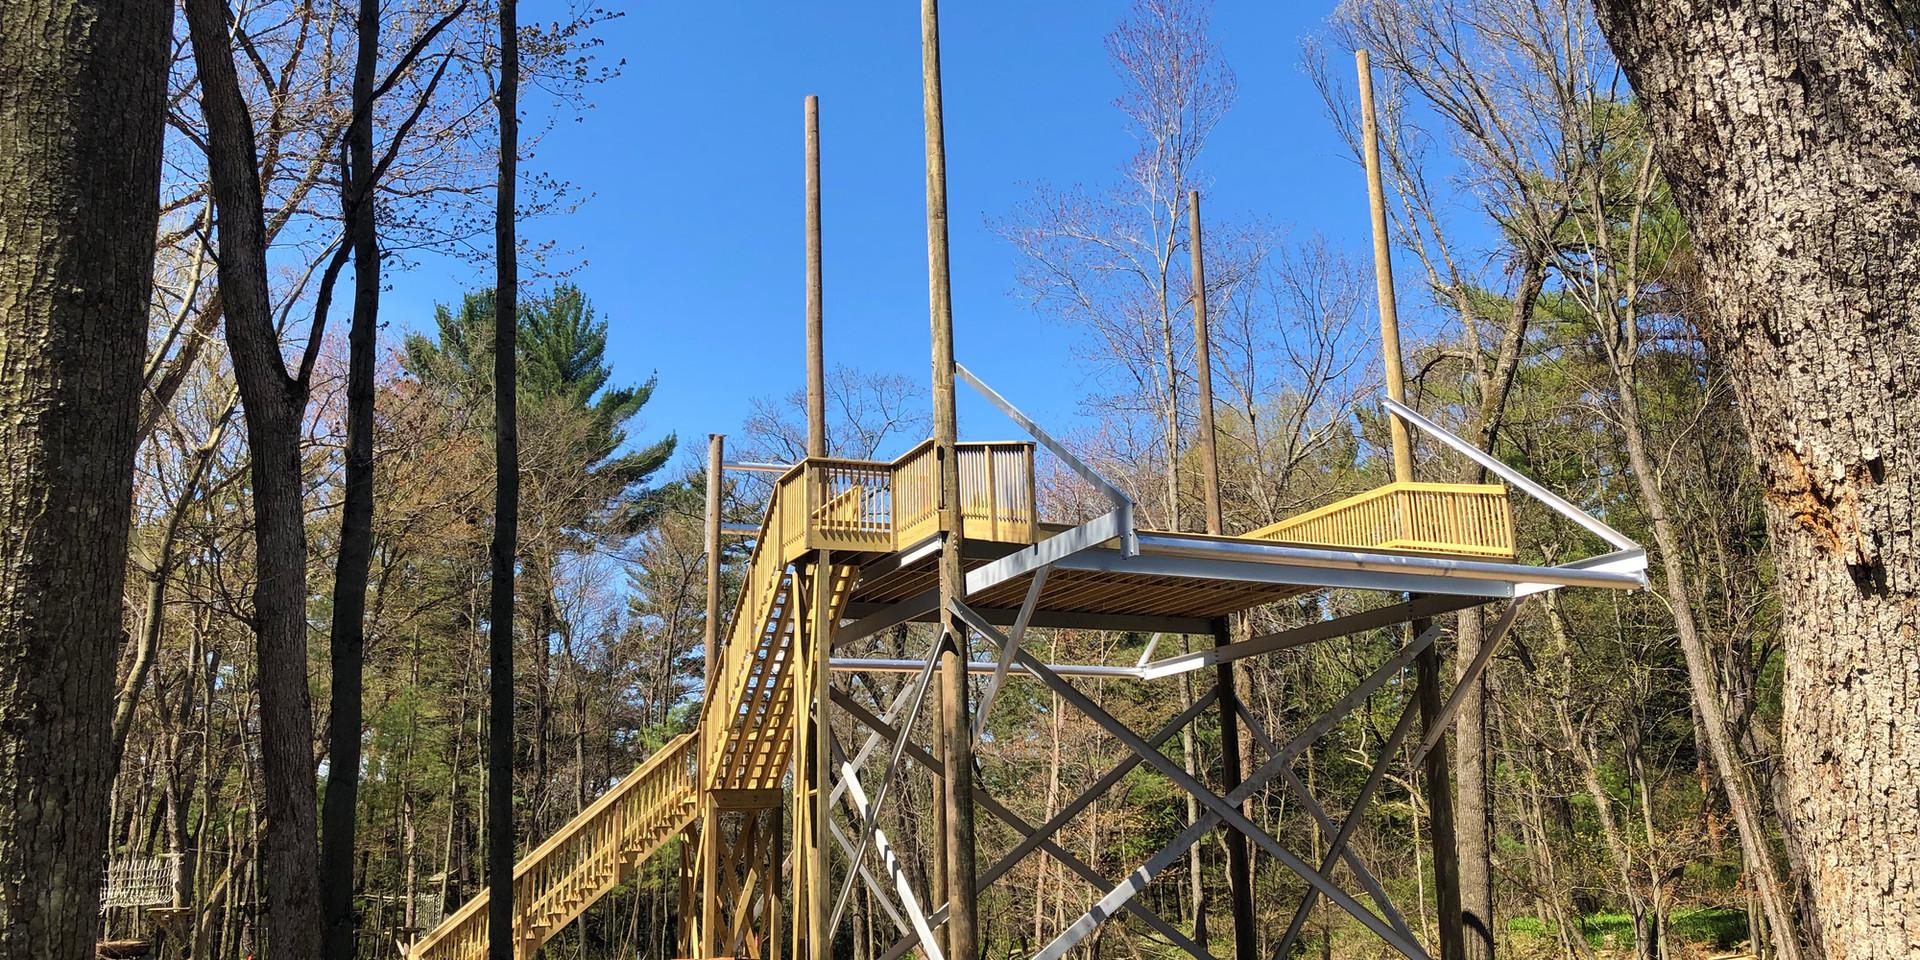 Tower Three - End of Zipline